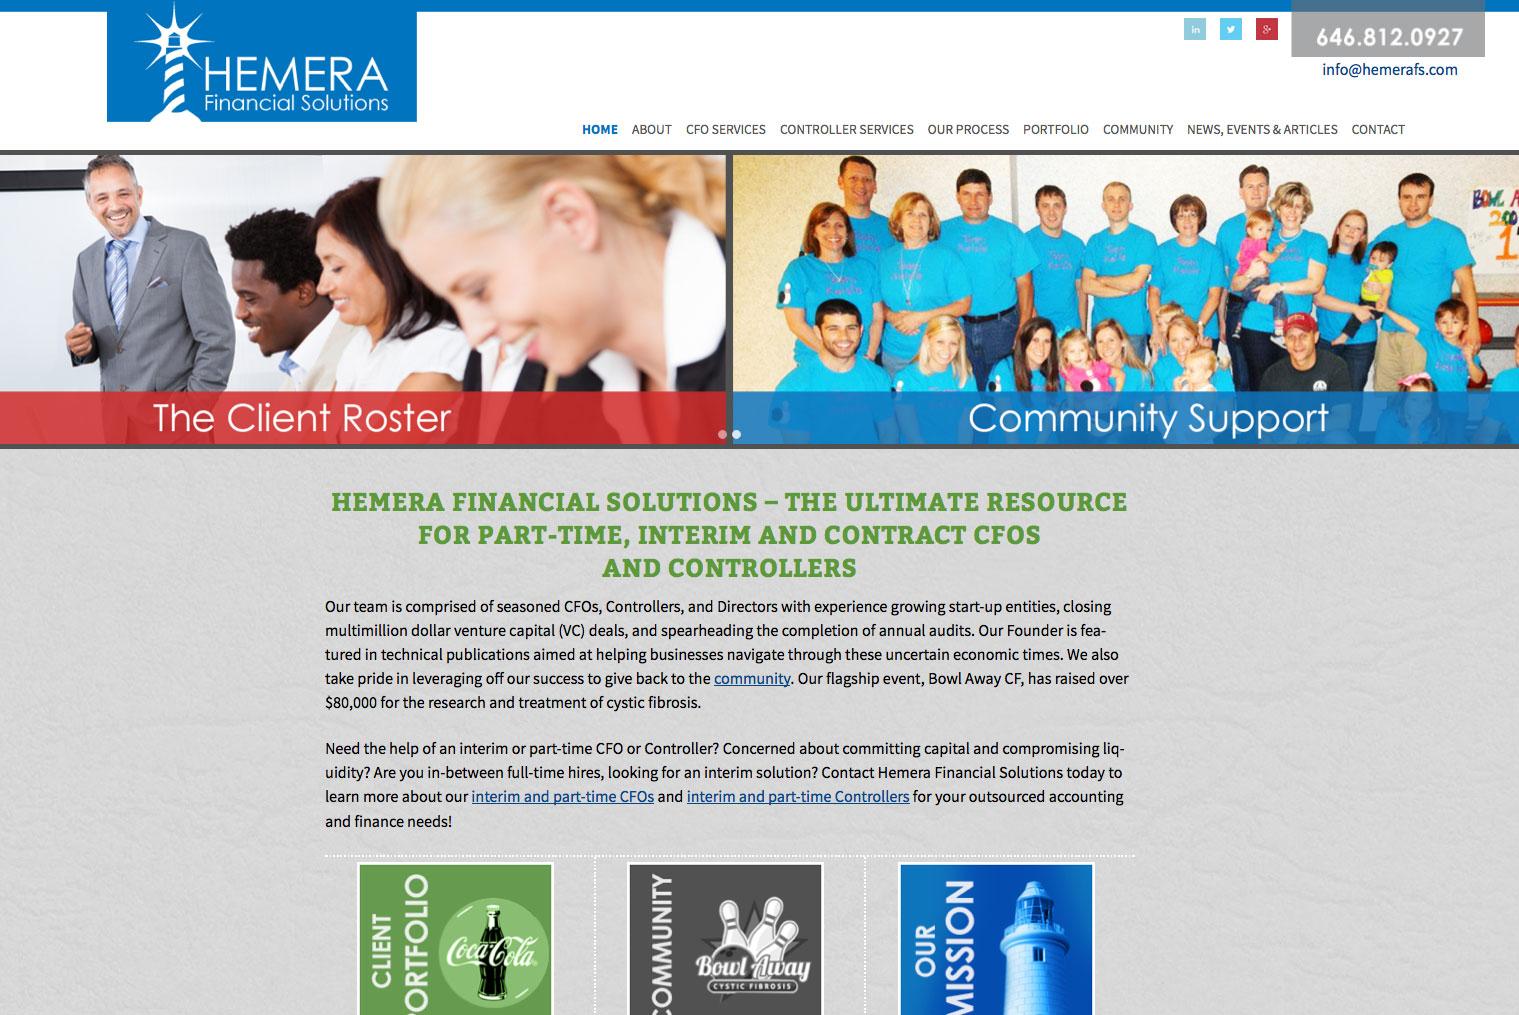 Hemera Financial Solutions